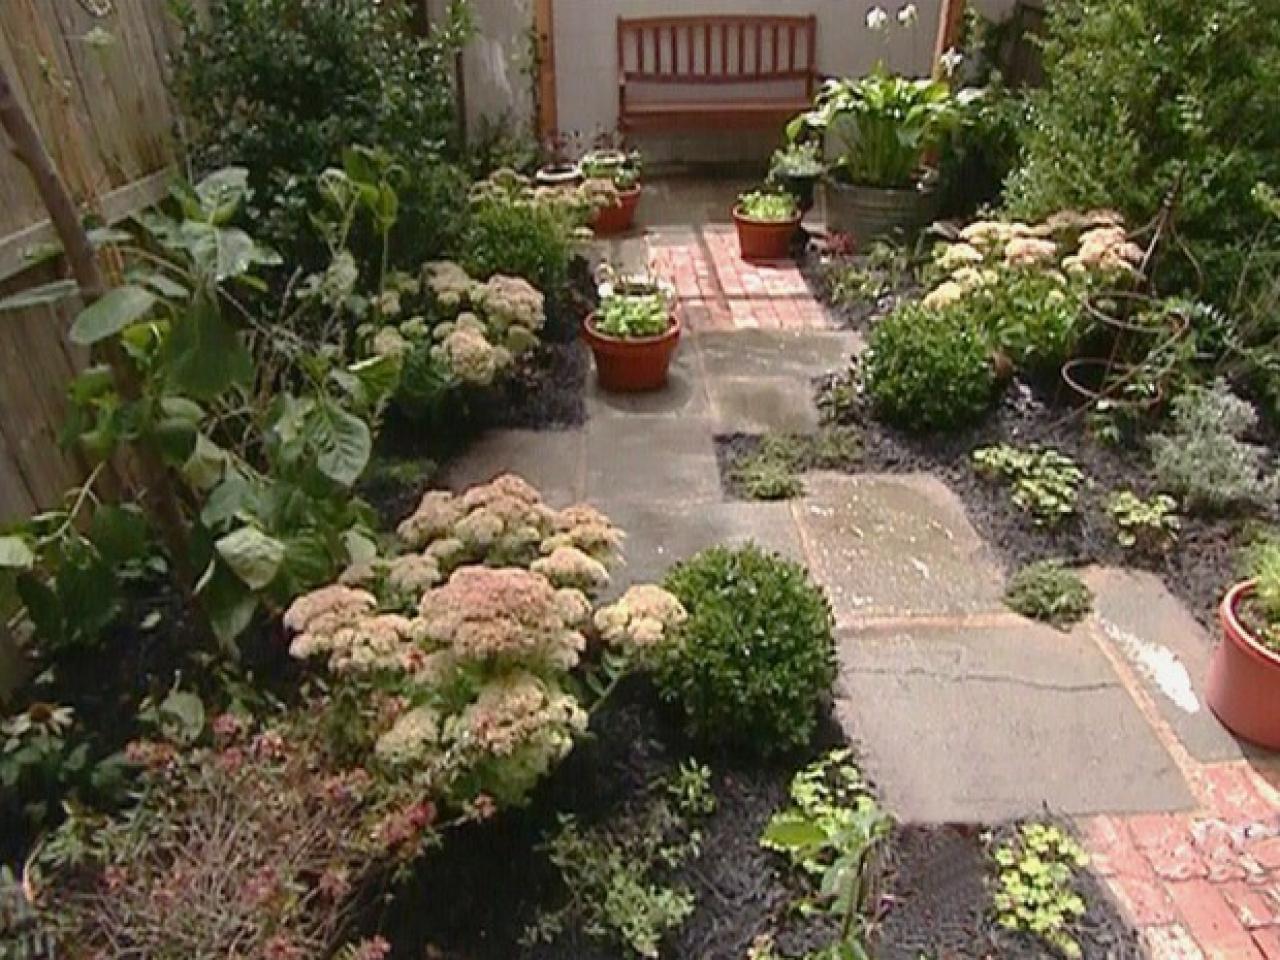 garden design ideas for small backyards photo - 2